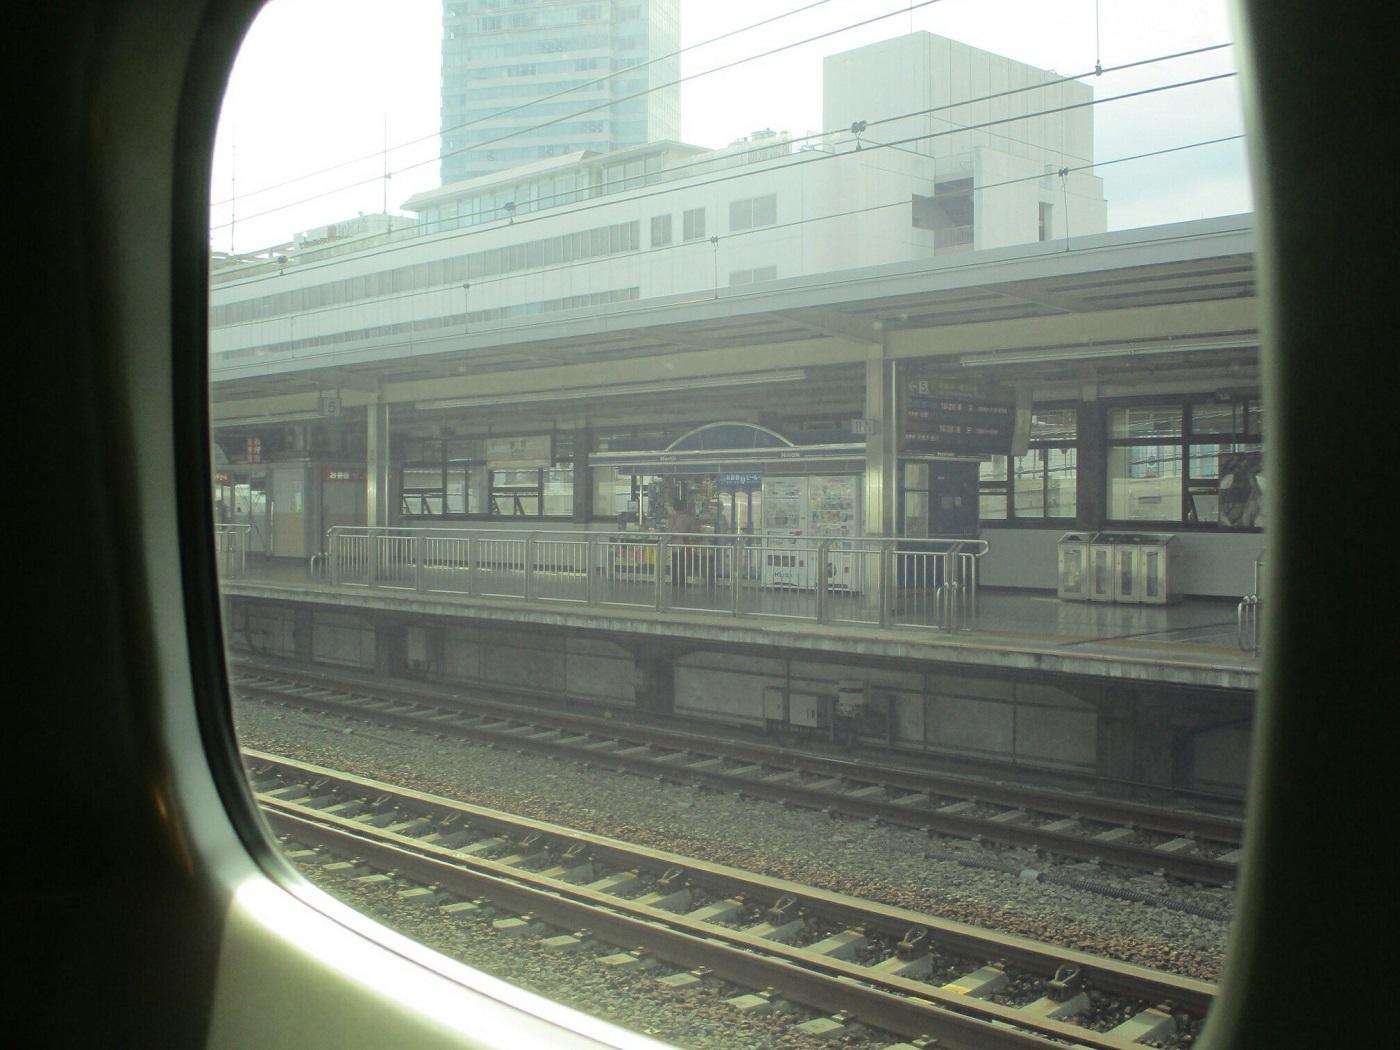 2018.8.10 (140) 名古屋いきこだま663号 - 静岡 1400-1050